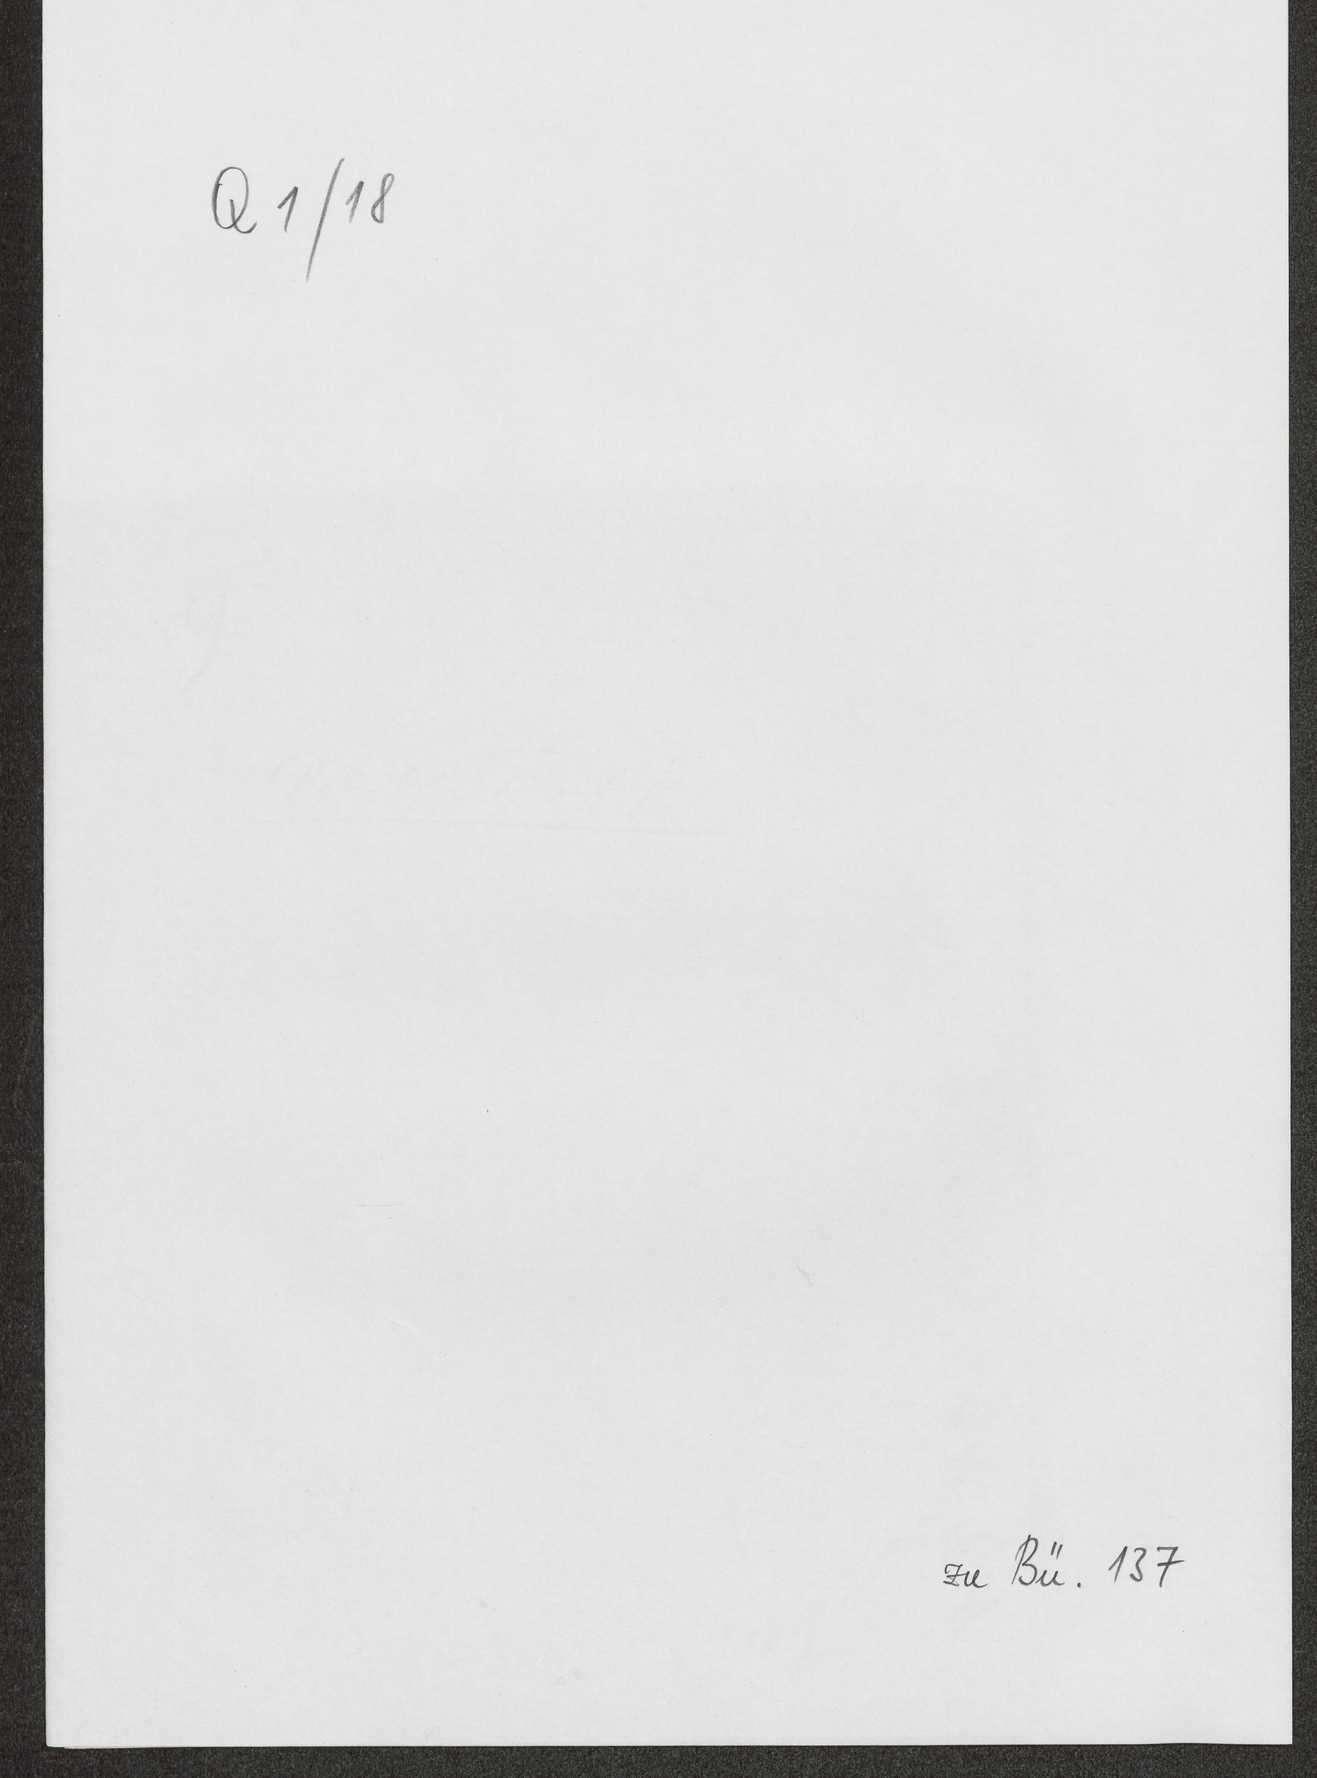 Schreiben von Herzog Albrecht und Herzog Philipp von Württemberg und Notizen betr. Familienangelegenheiten des herzoglichen Hauses, Bild 1